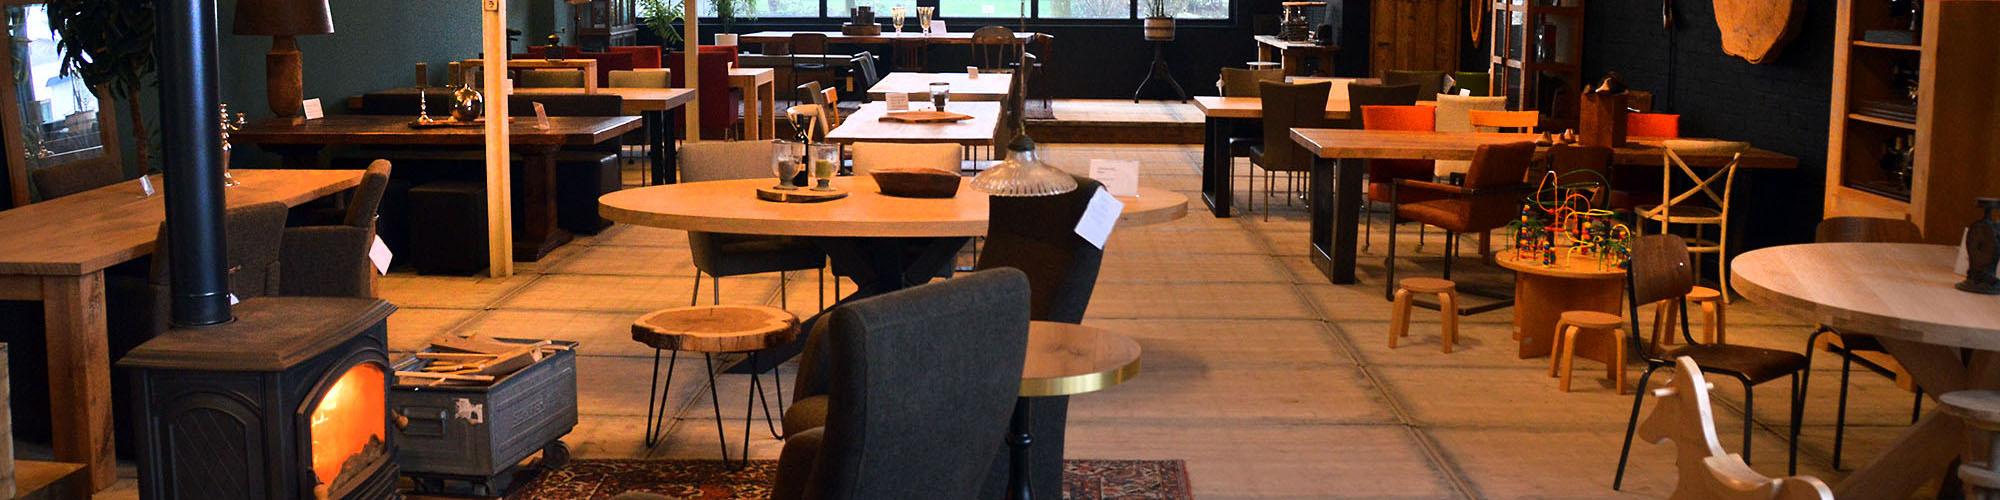 Showroom tafelmakerij heerenveen